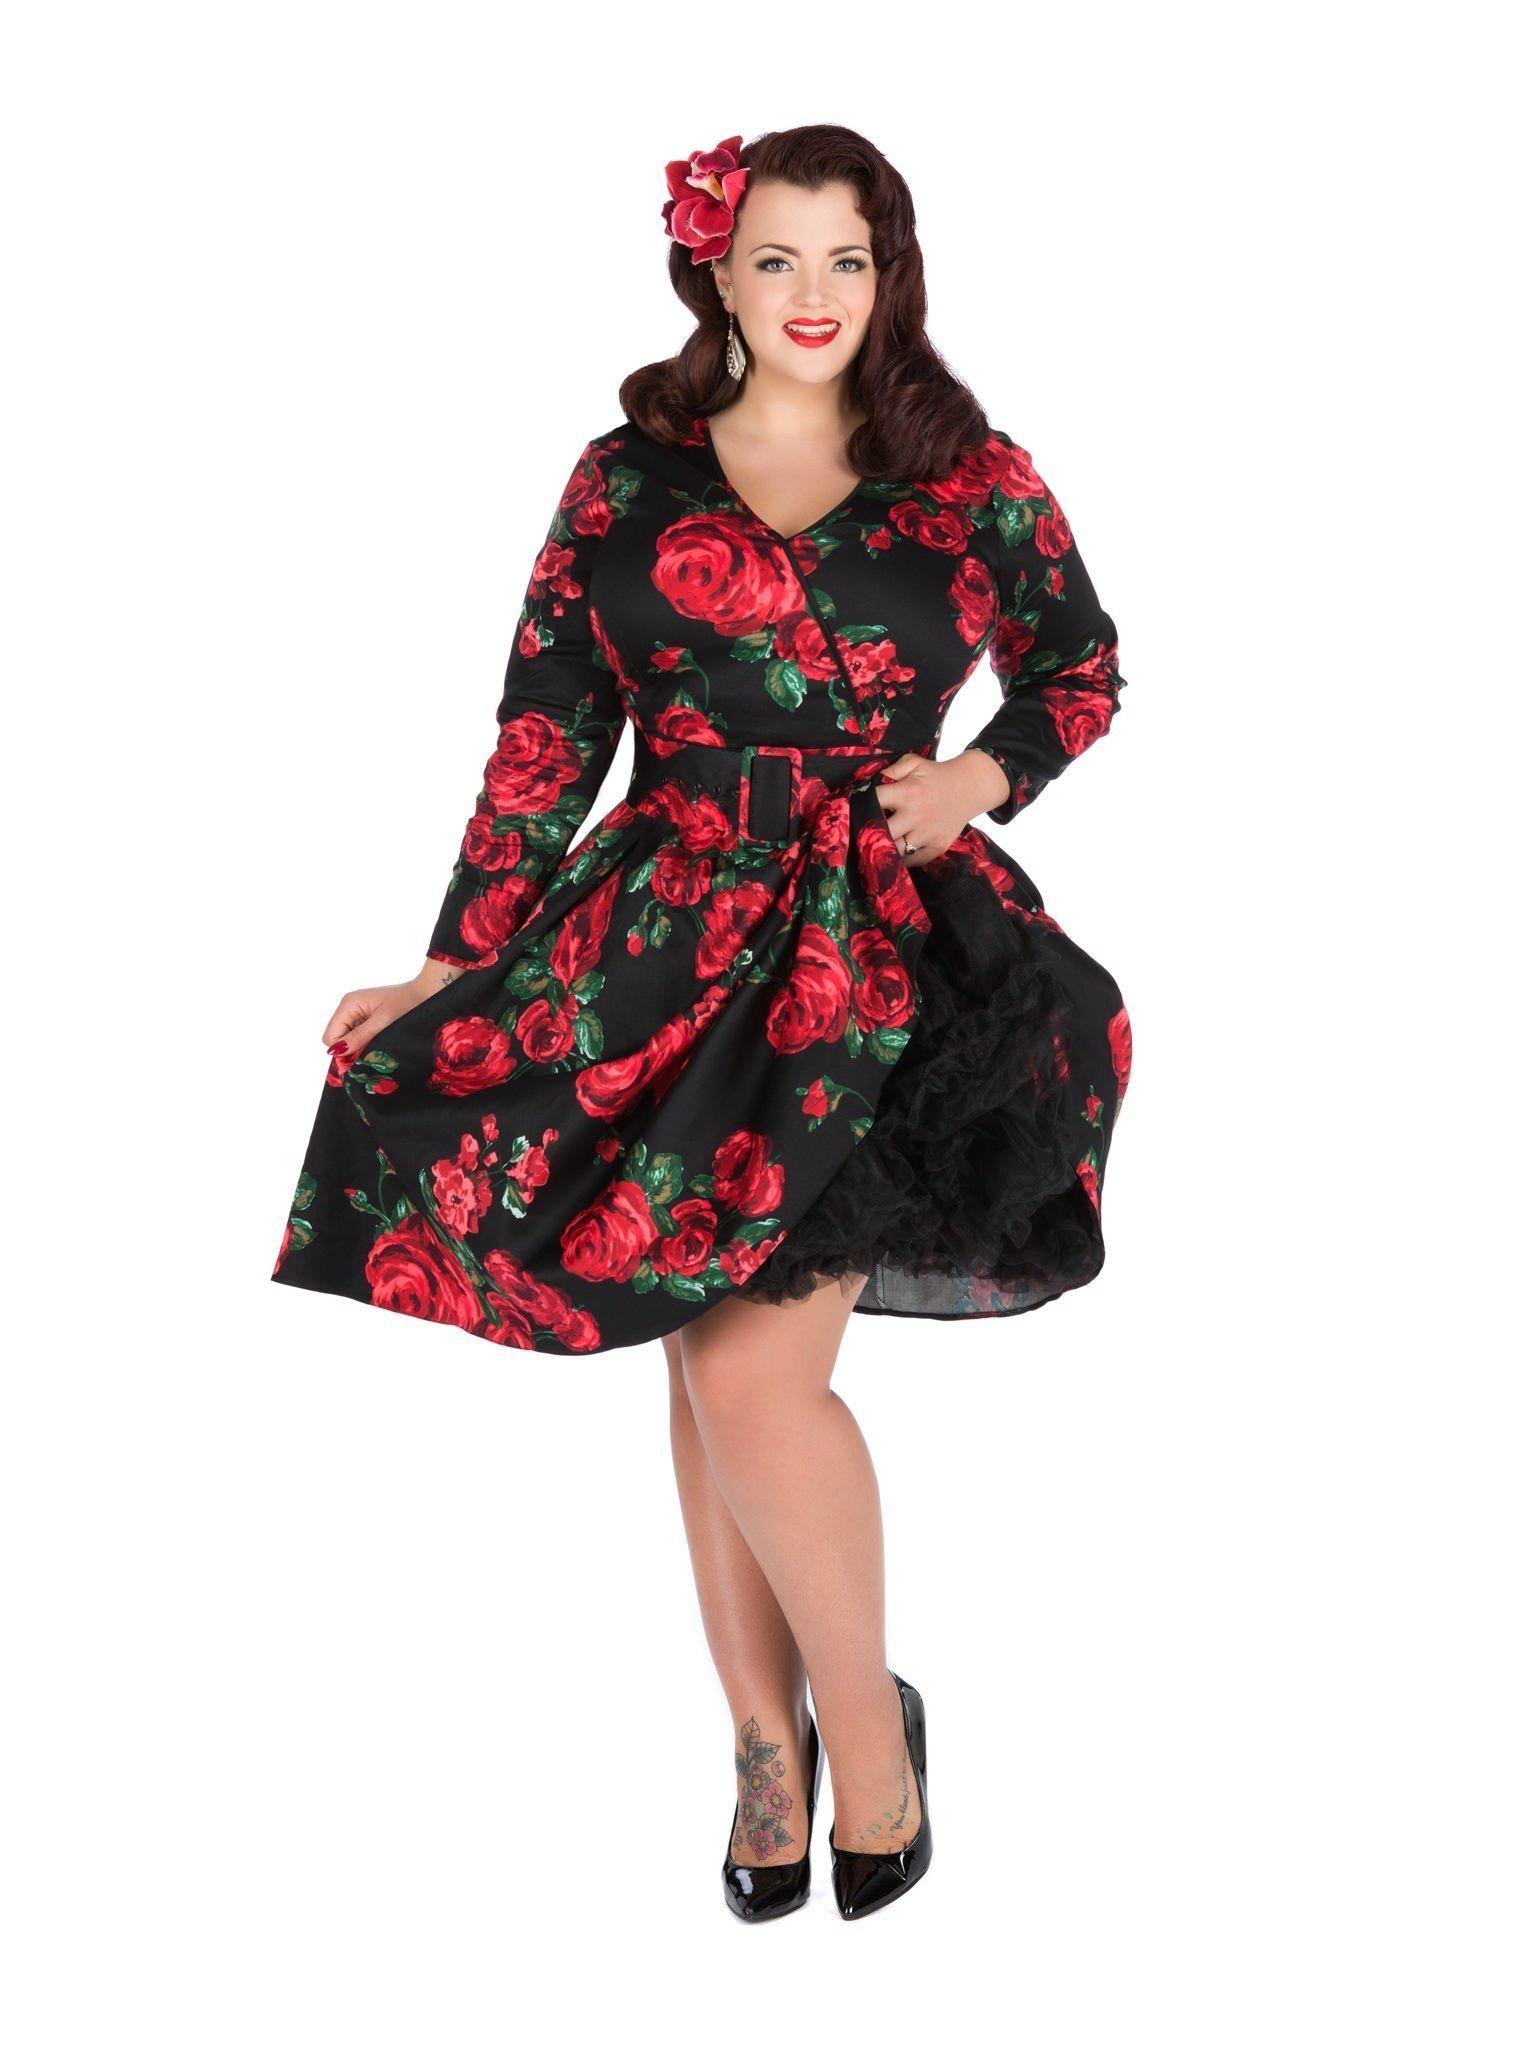 Kjole med smukke røde roser på sort - med ærmer og bælte